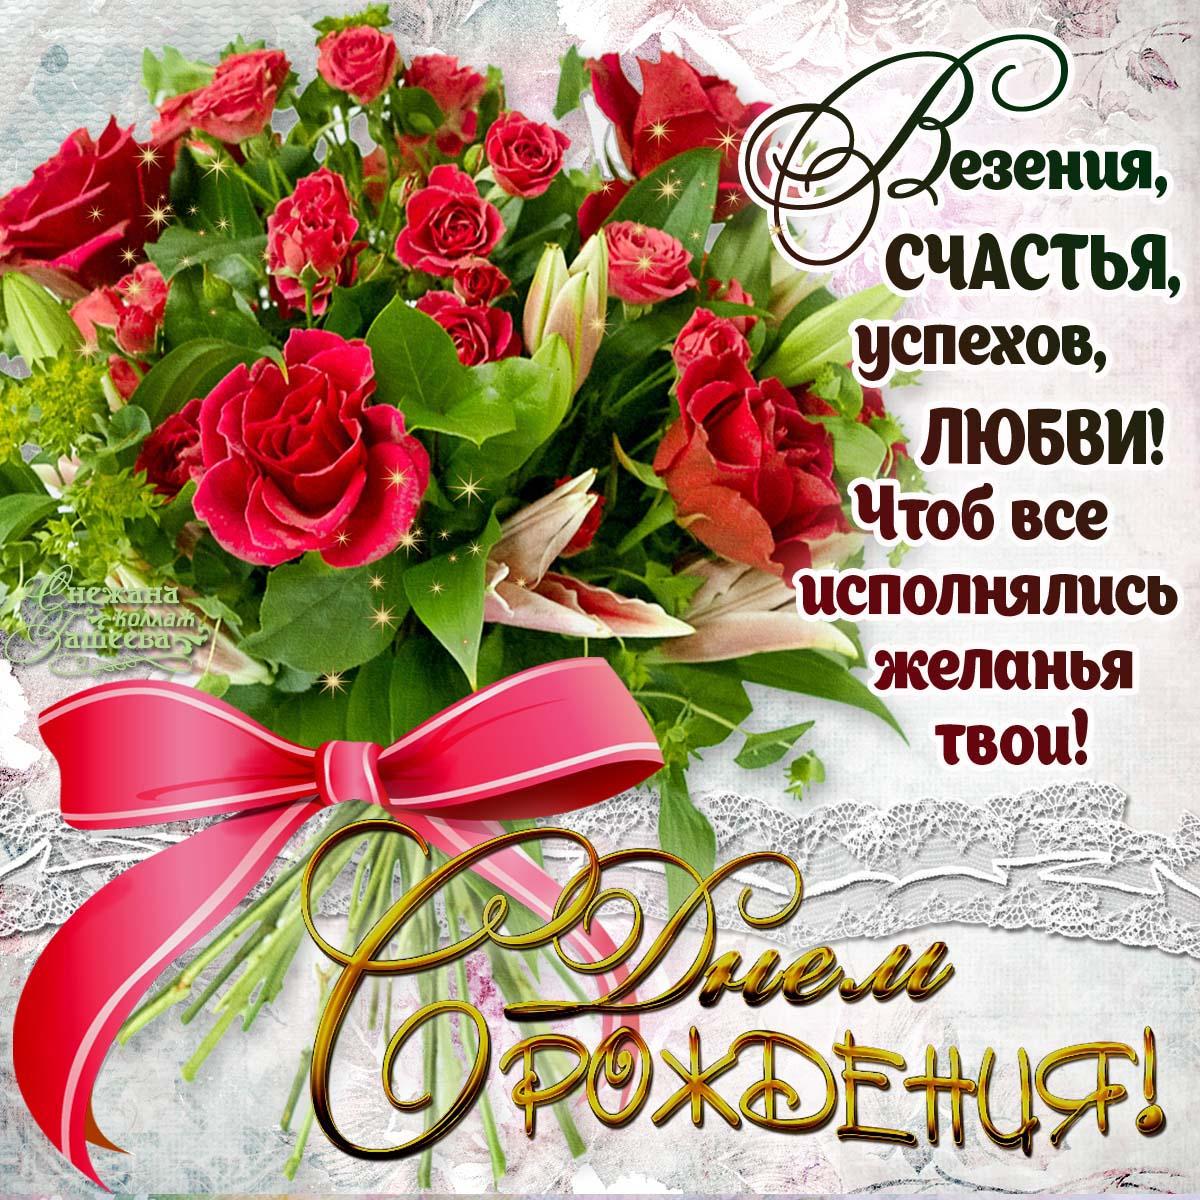 С днем рождения настя красивое поздравление